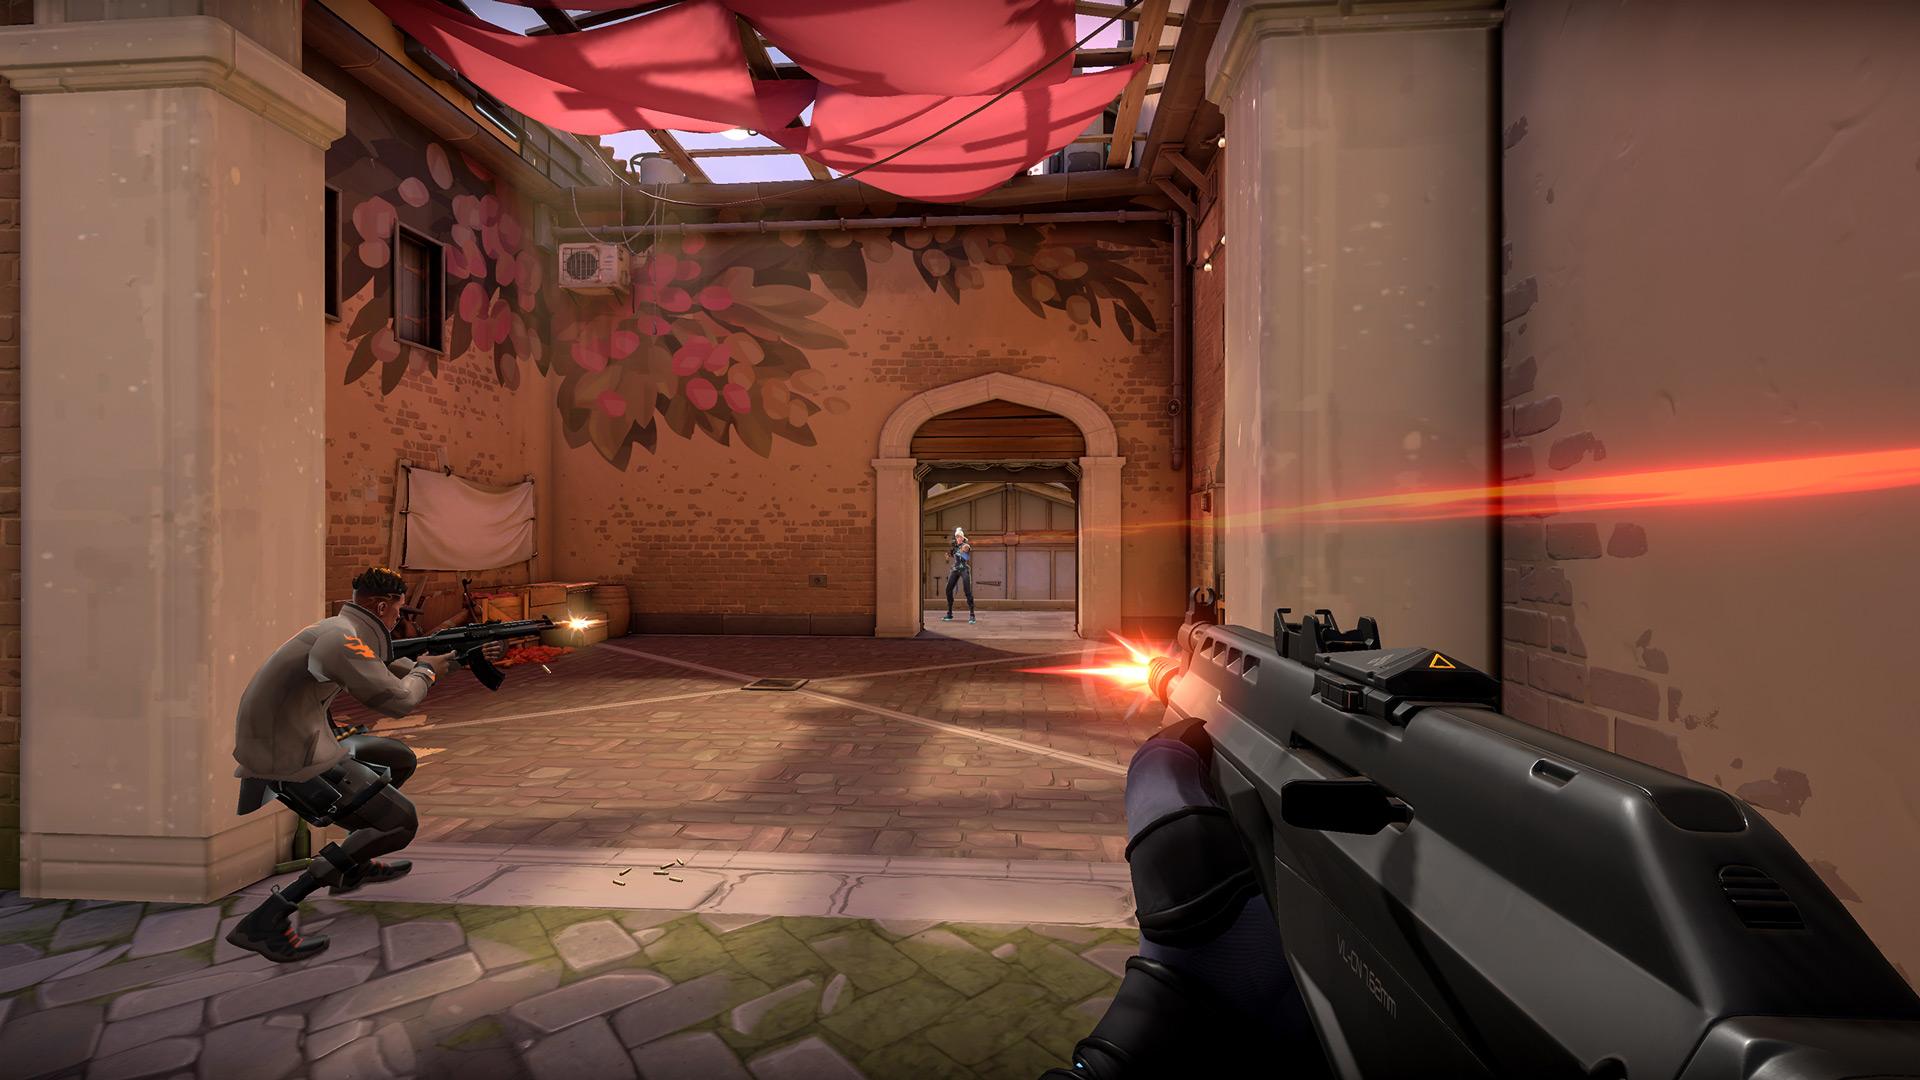 Скриншоты, подробности и дата запуска тактического шутера VALORANT от студии Riot Games